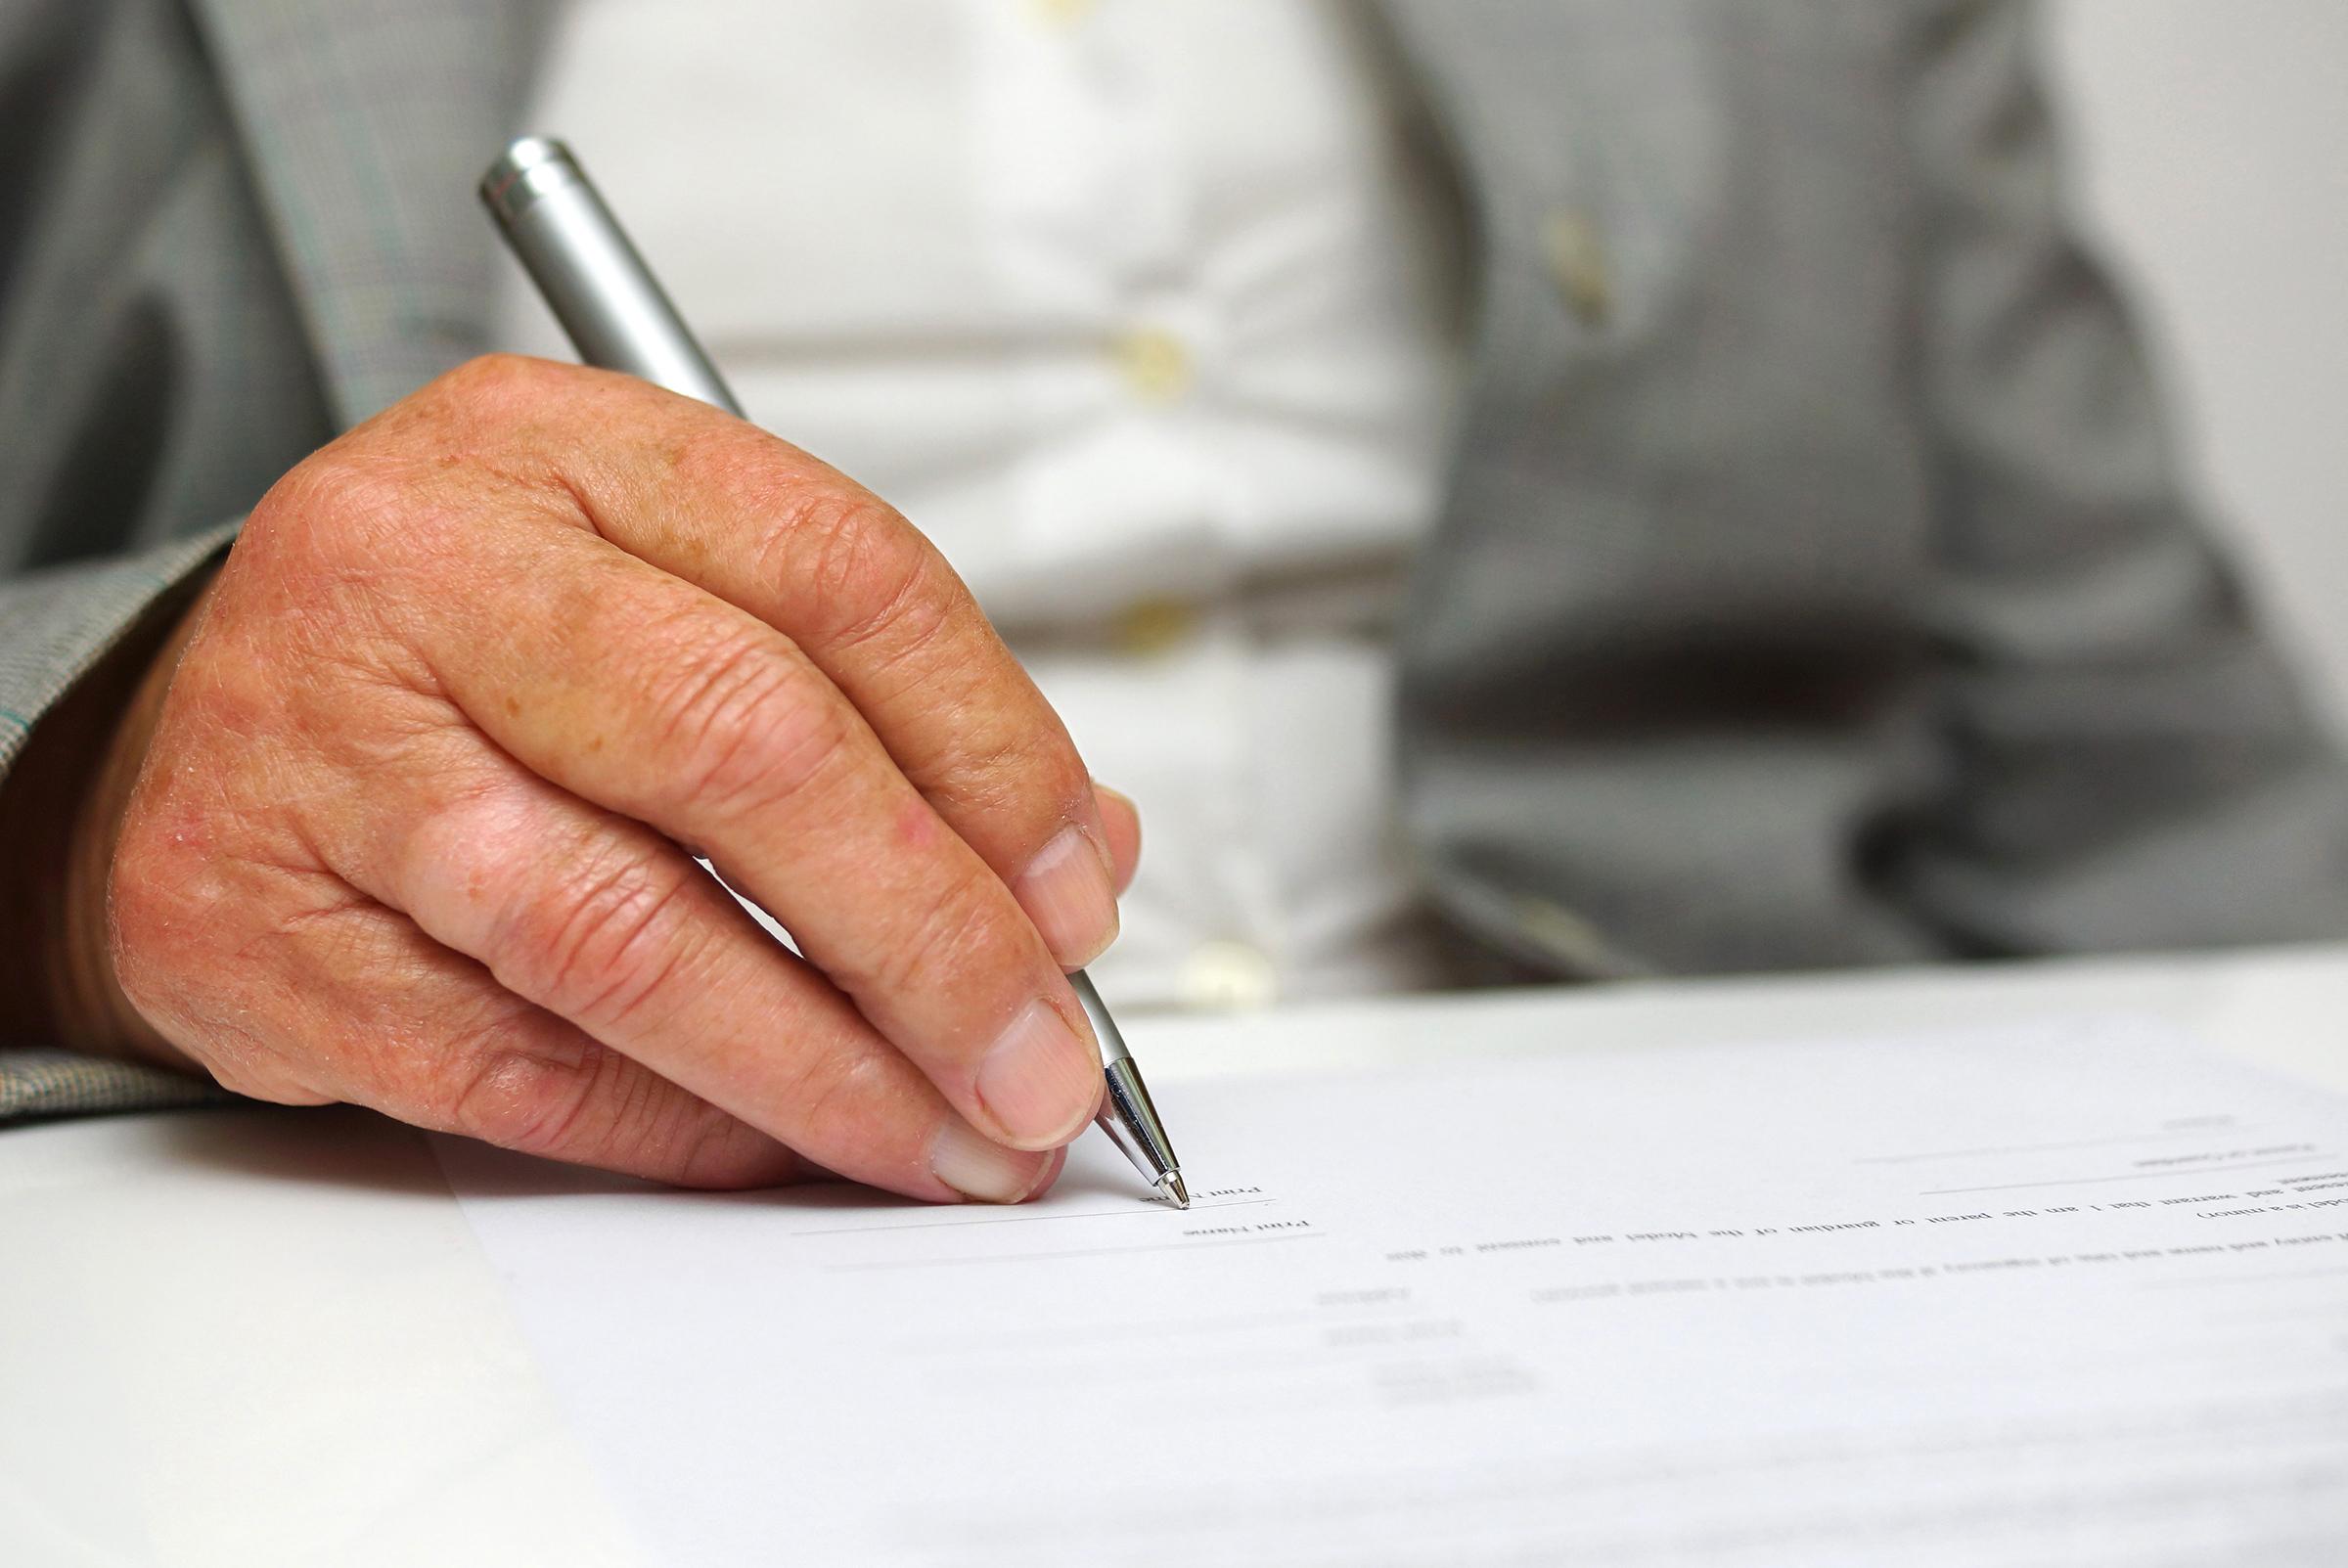 IKKE ALLTID NØDVENDIG: Men hvis du skal skrive testamente, må du passe på at det gjøres riktig.